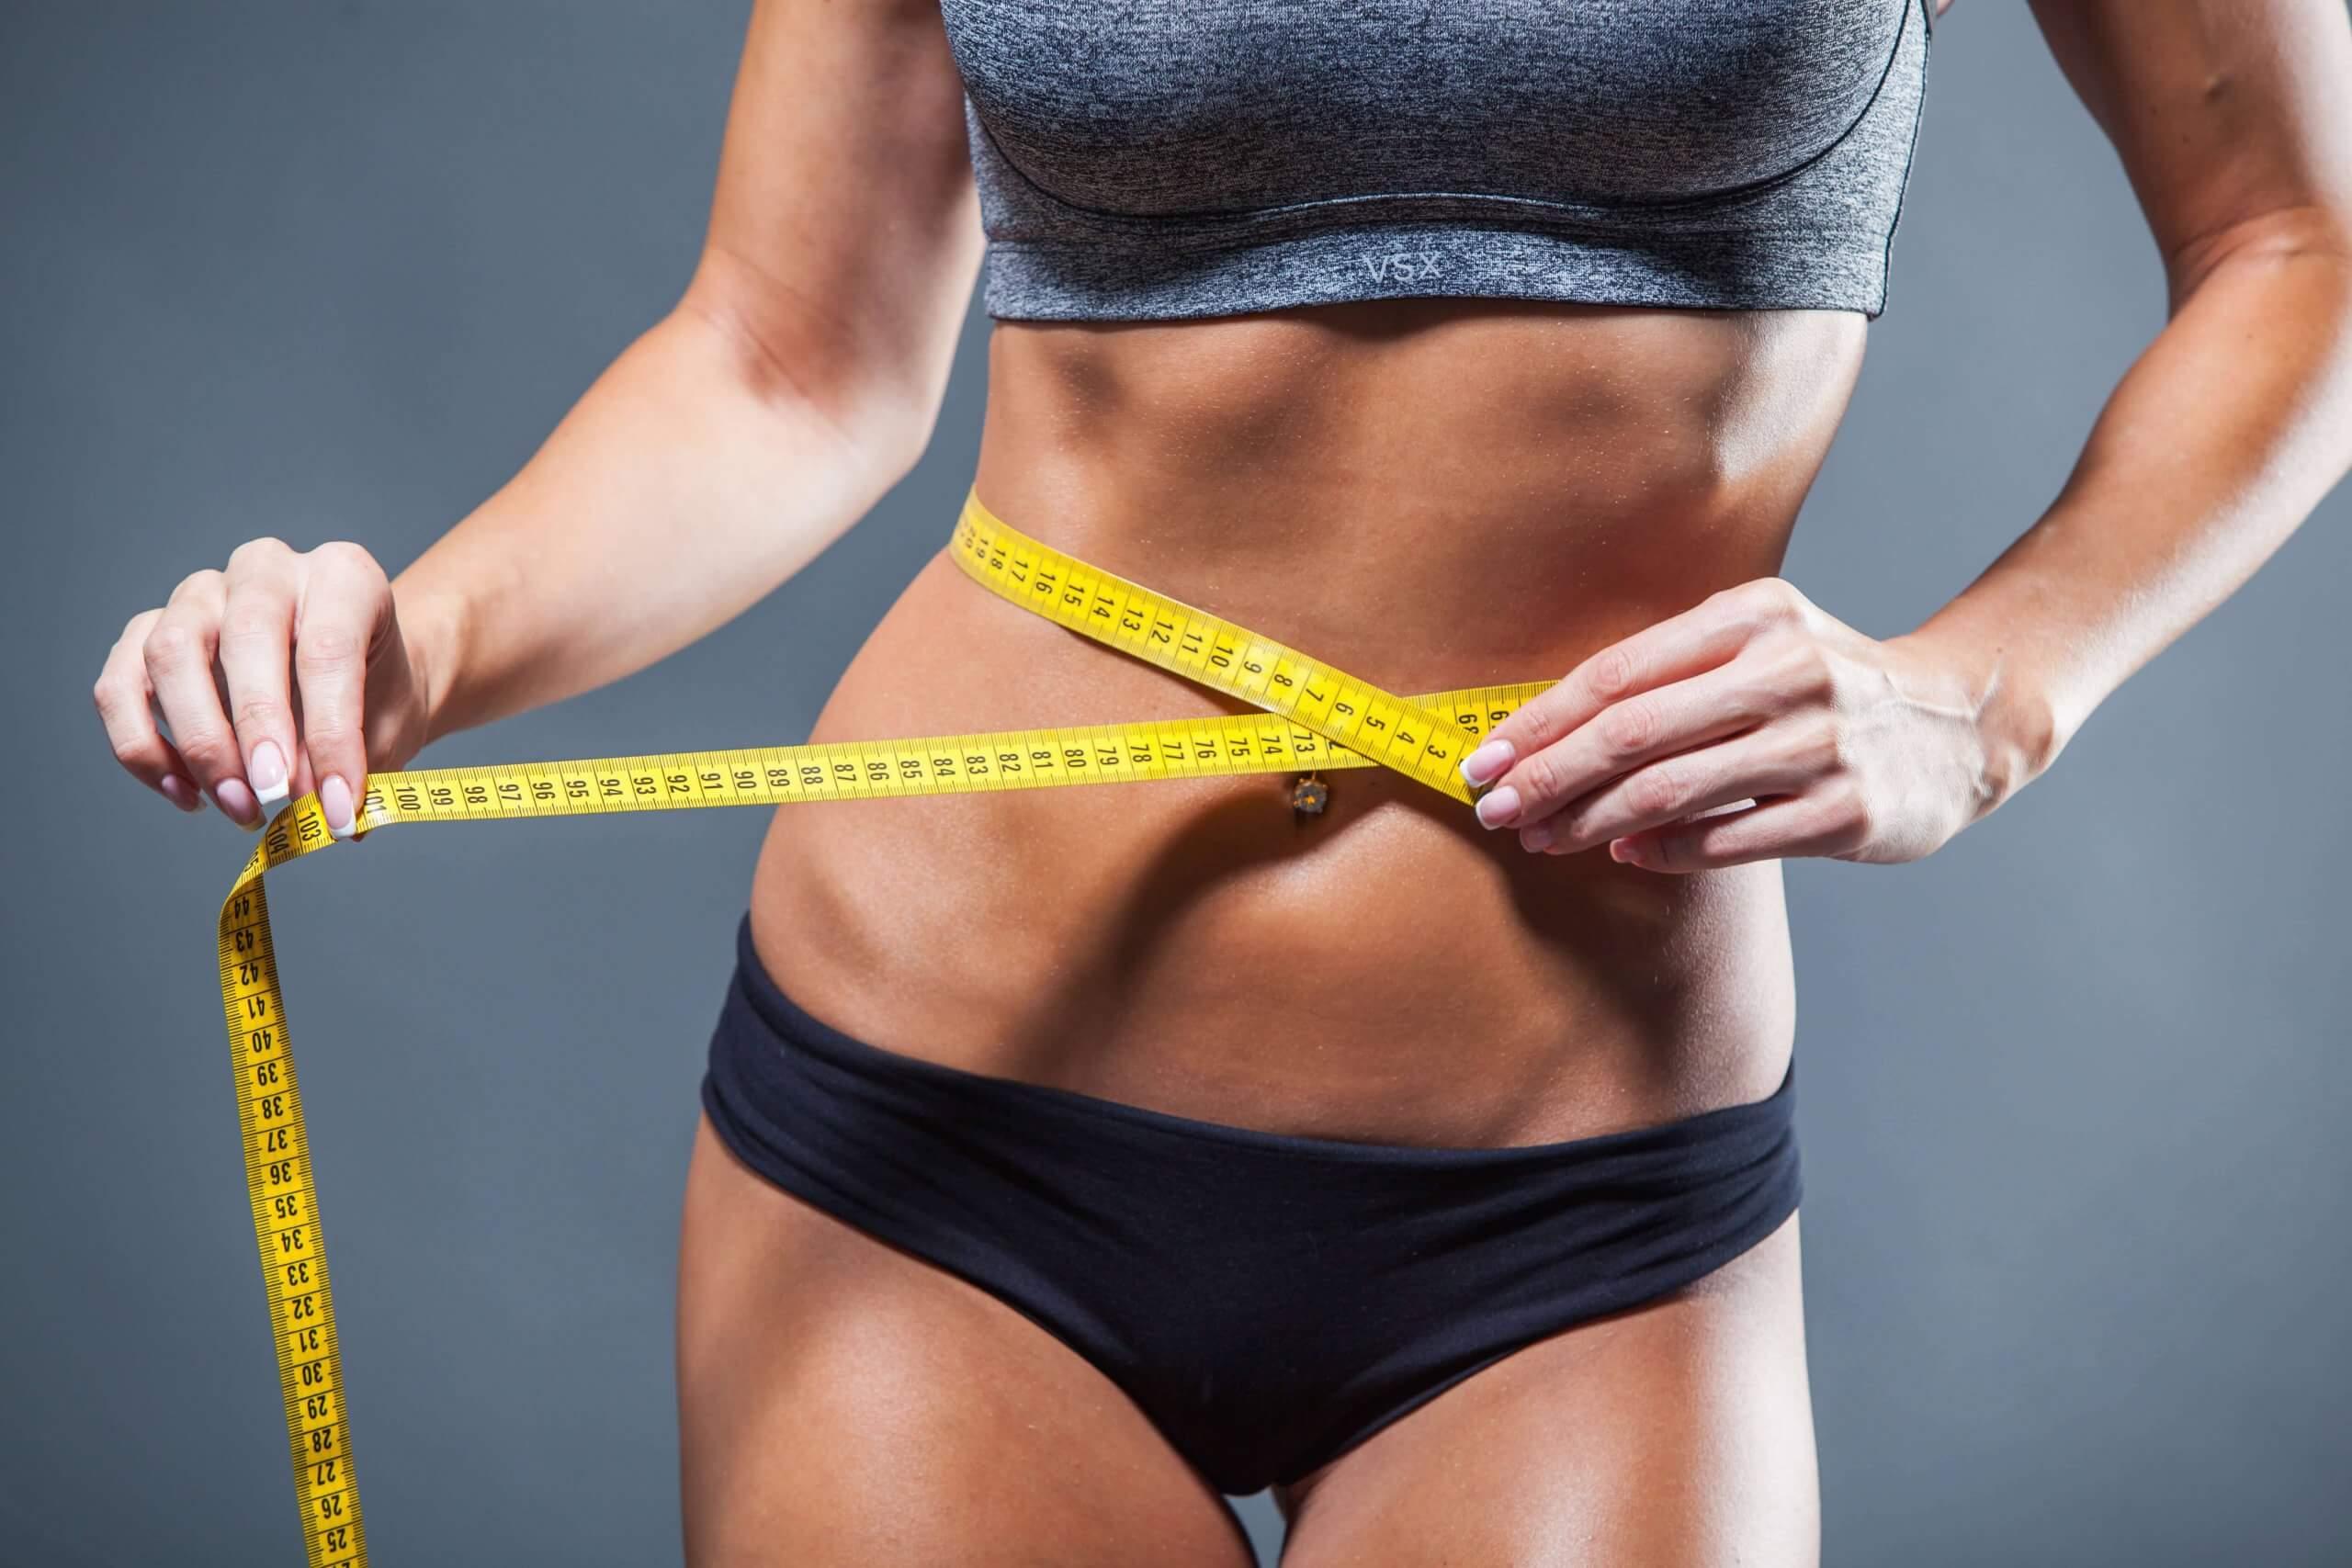 Метаболизм и обмен веществ в теле женщины